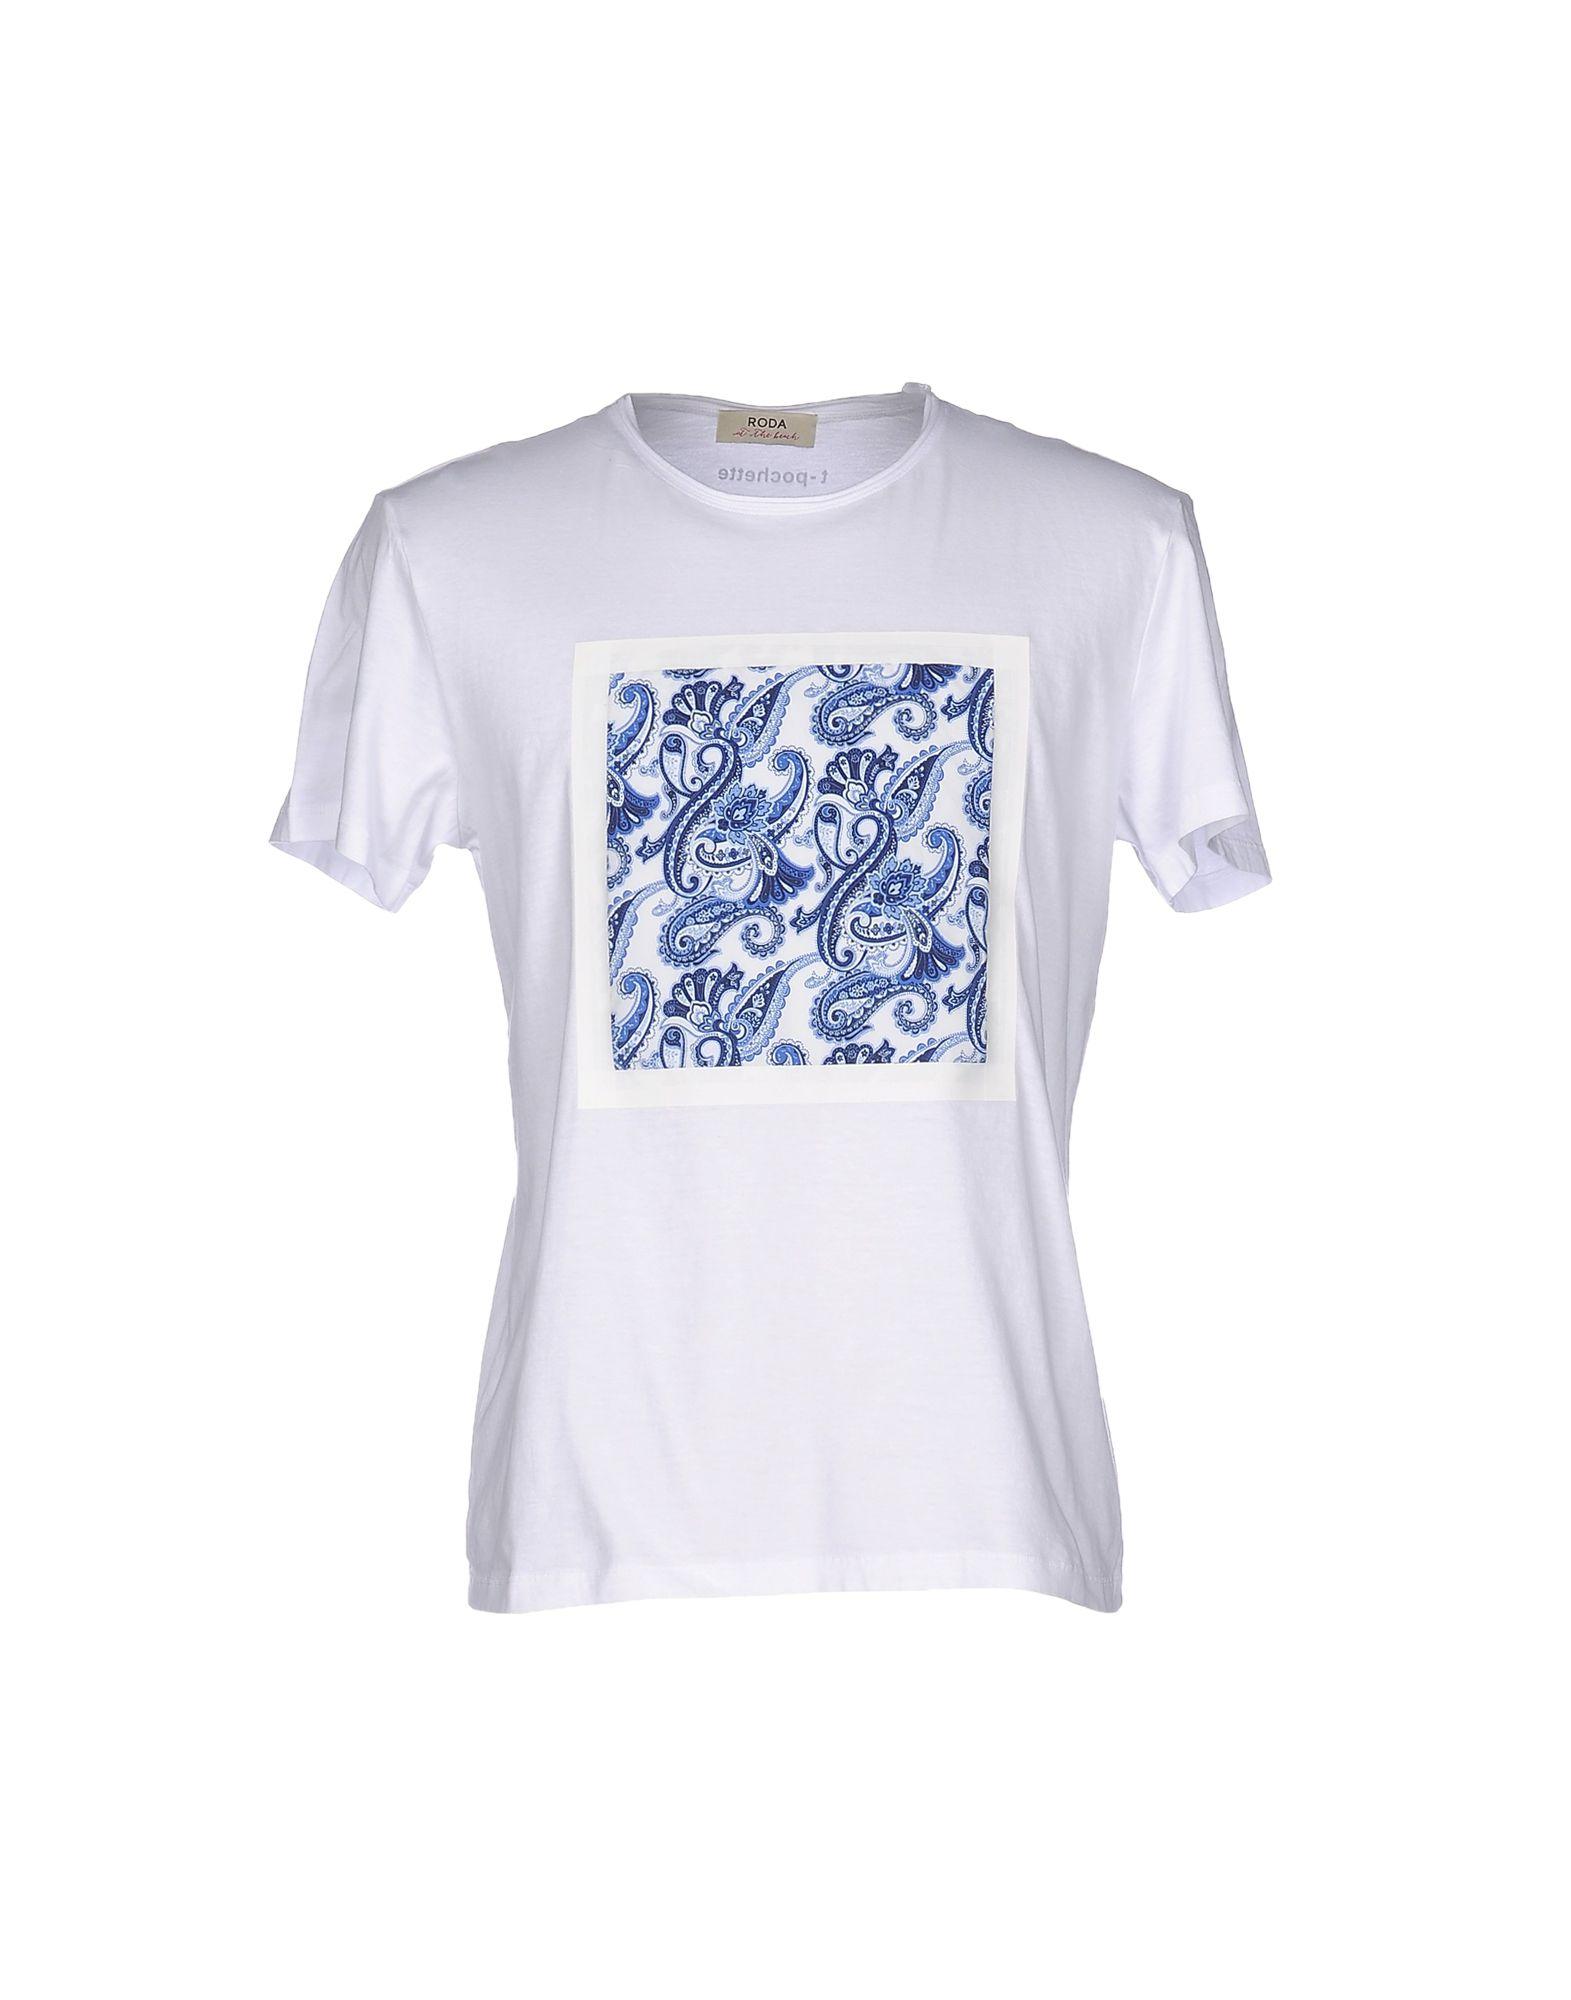 A buon mercato A buon mercato T-Shirt Roda Roda T-Shirt Uomo - 37930163BI 324ef0